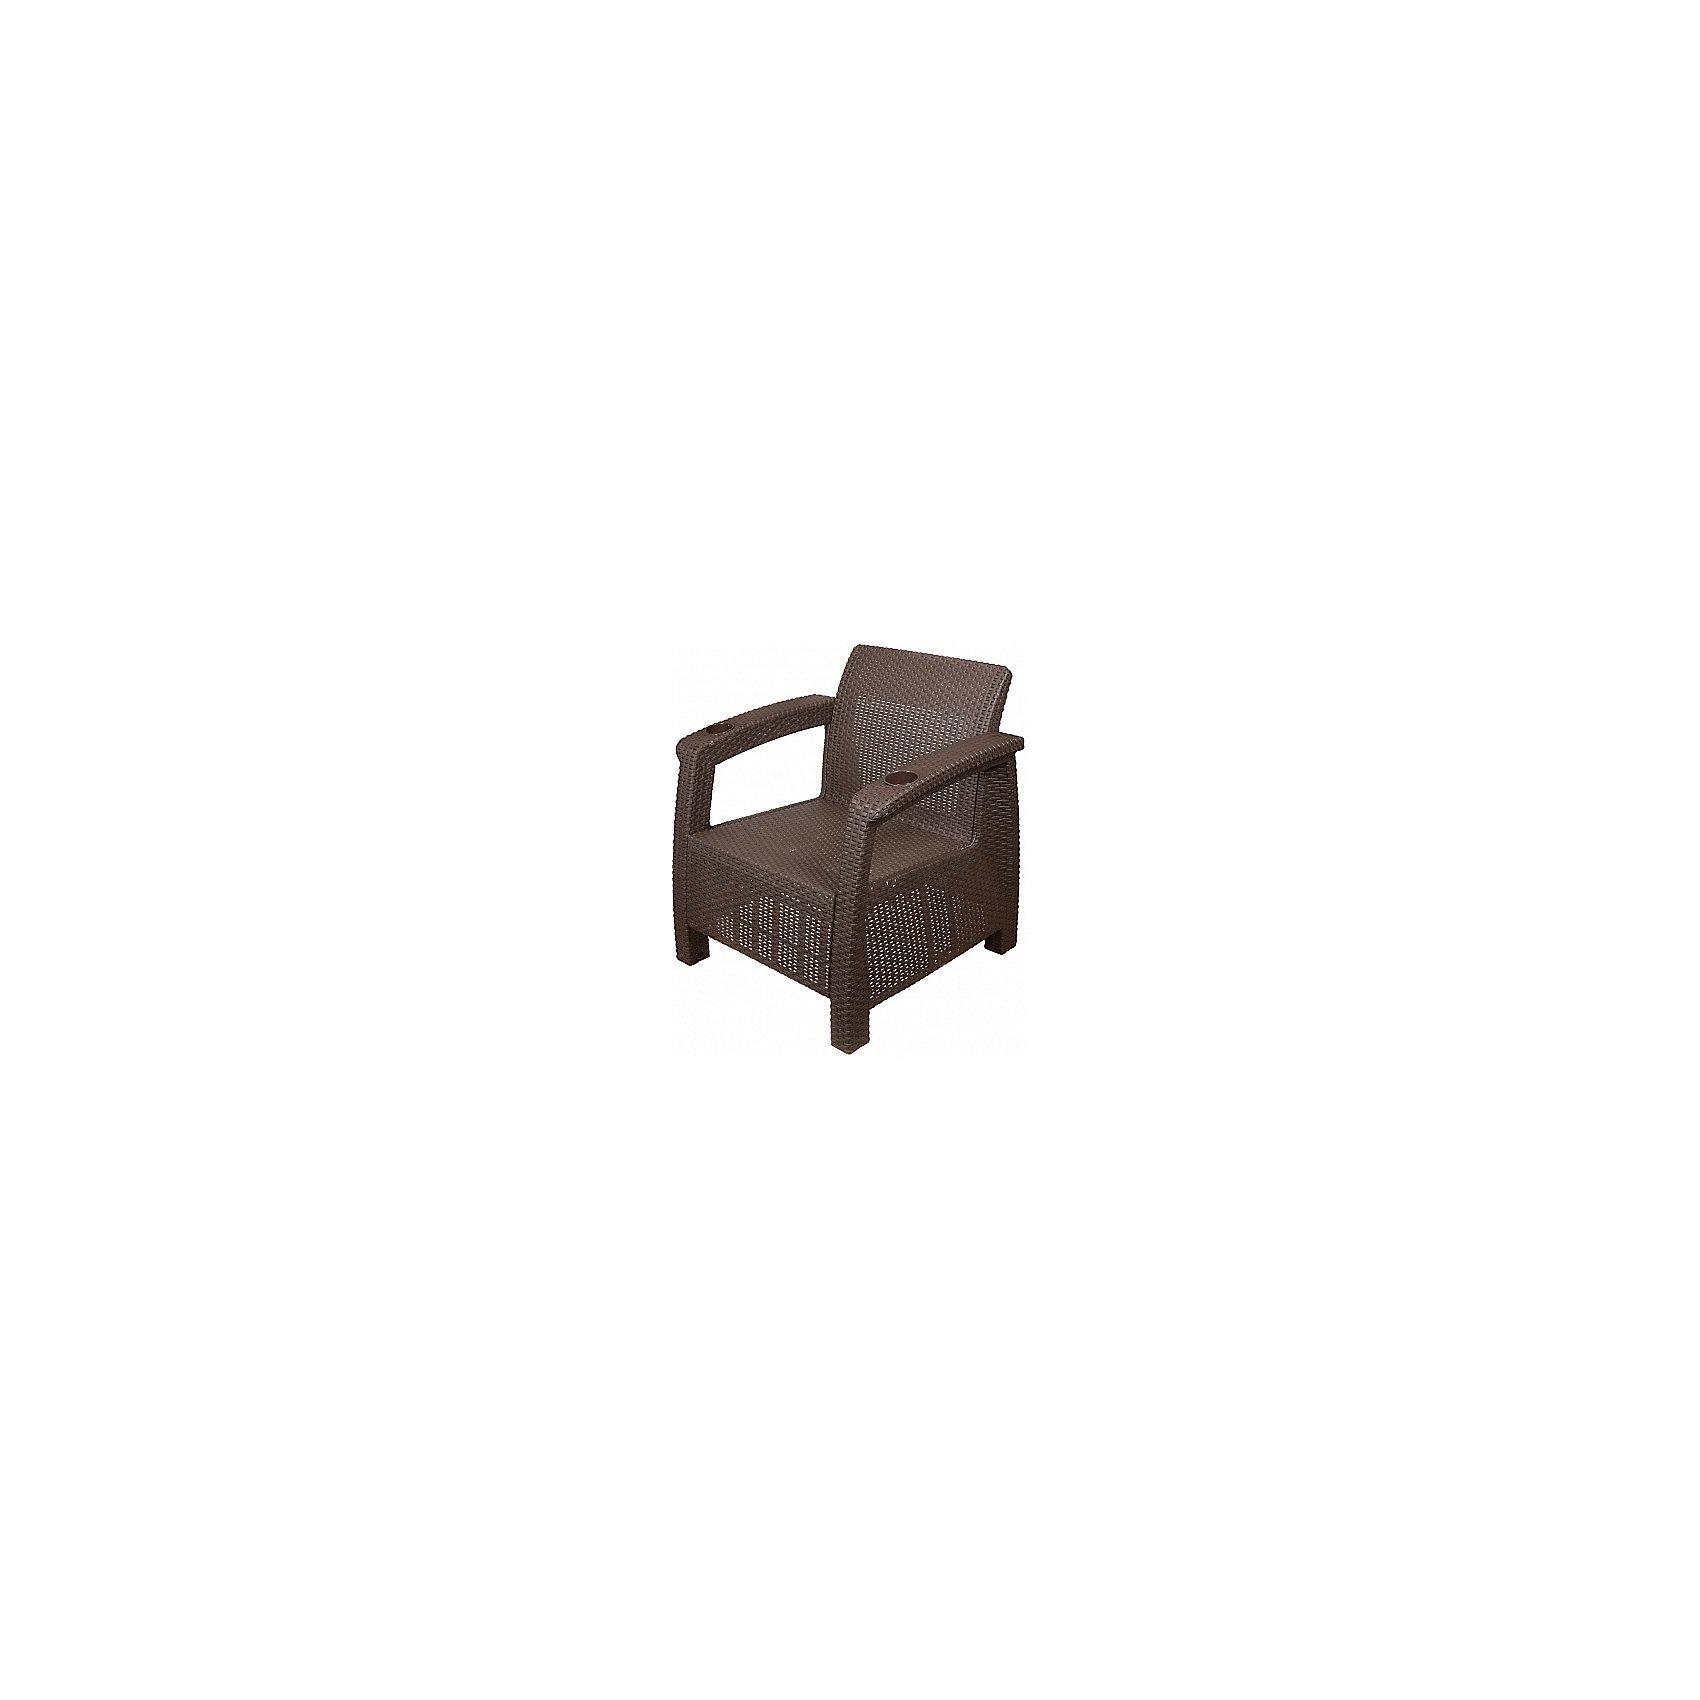 Alternativa Кресло Ротанг ,  Alternativa, коричневый кресло мешок купить в магазине